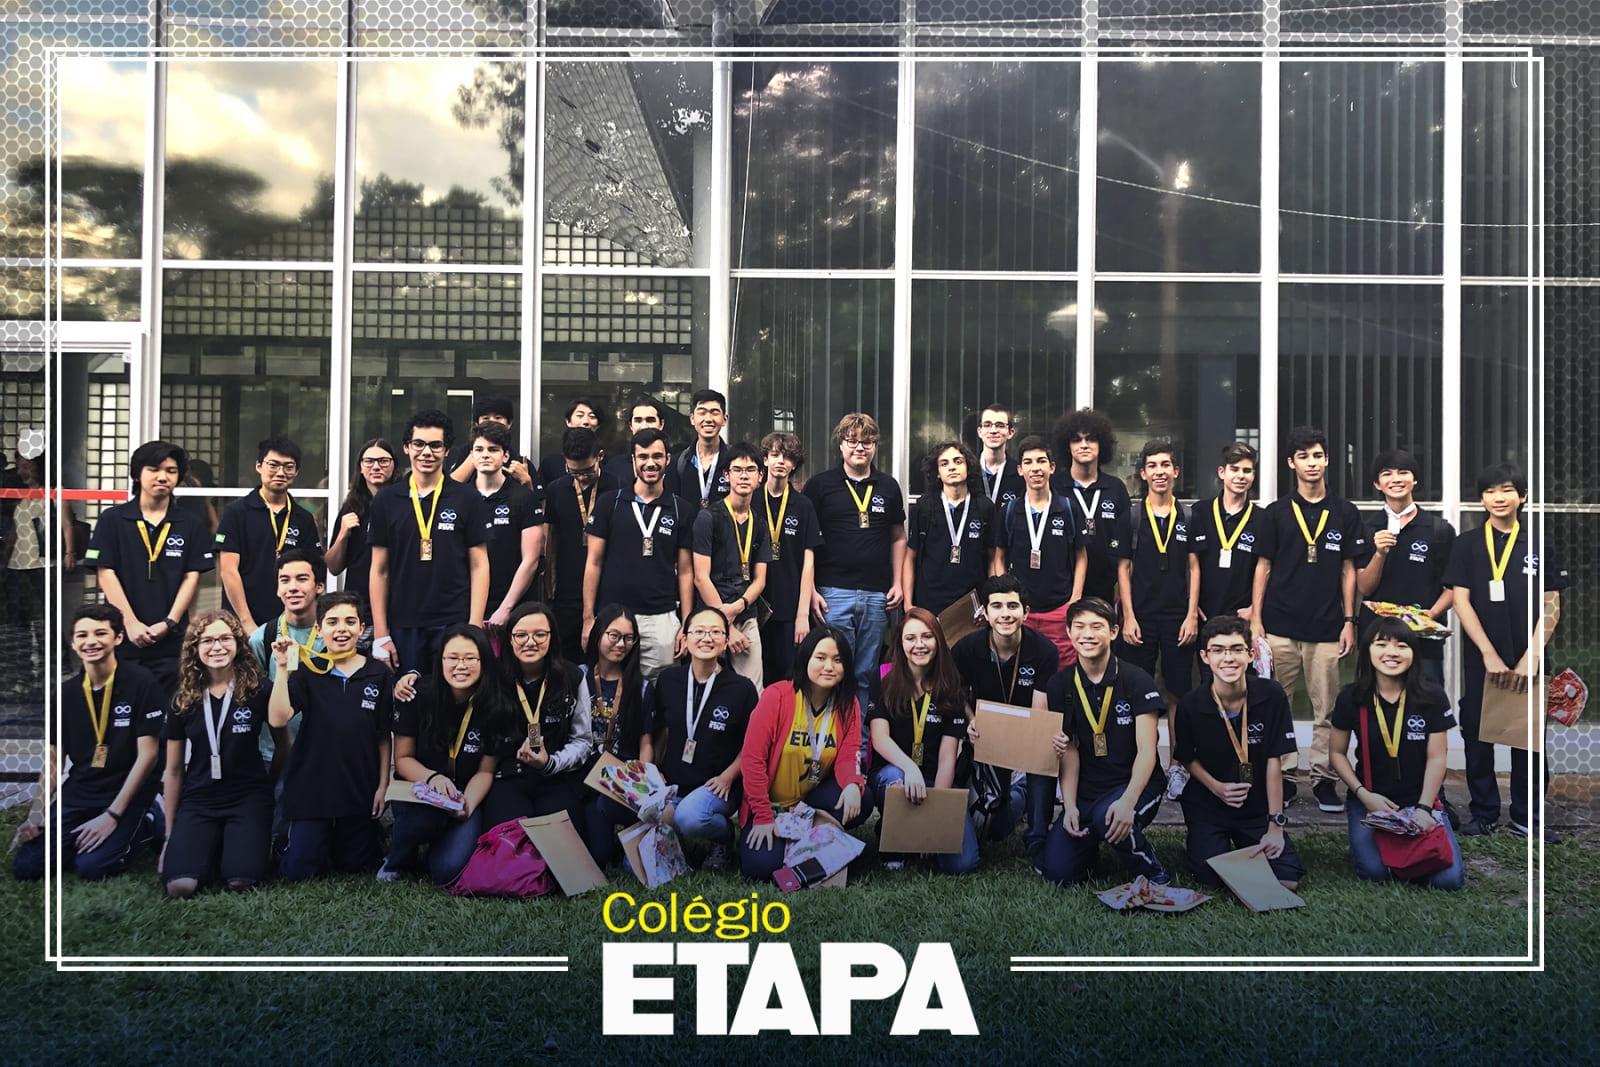 Etapa tem 51 alunos medalhistas na Olimpíada Paulista de Física 2018